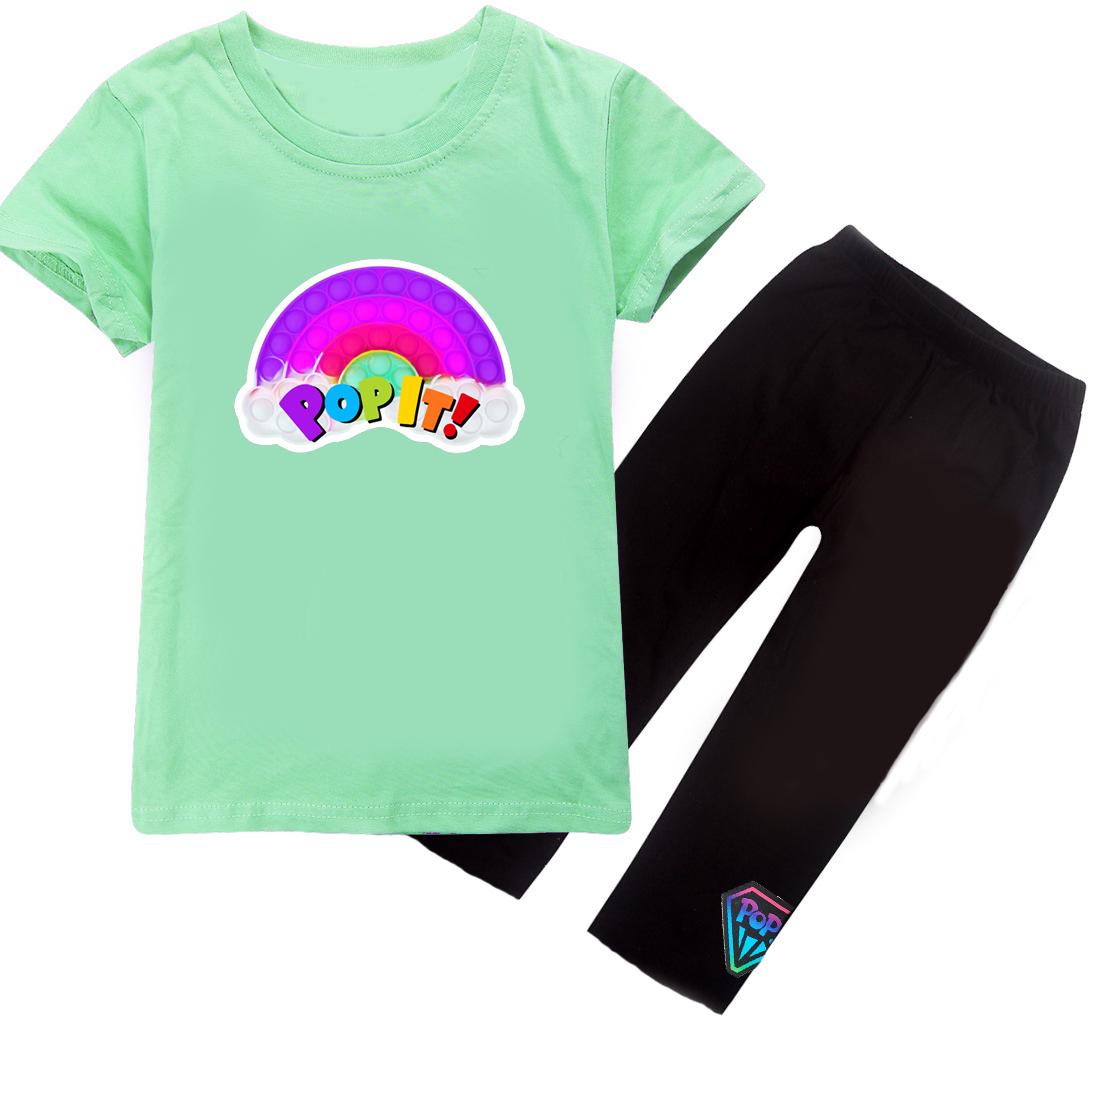 Комплект літній, для дівчинки, футболка і капрі, SmileTime AntistreSS, м'ятний